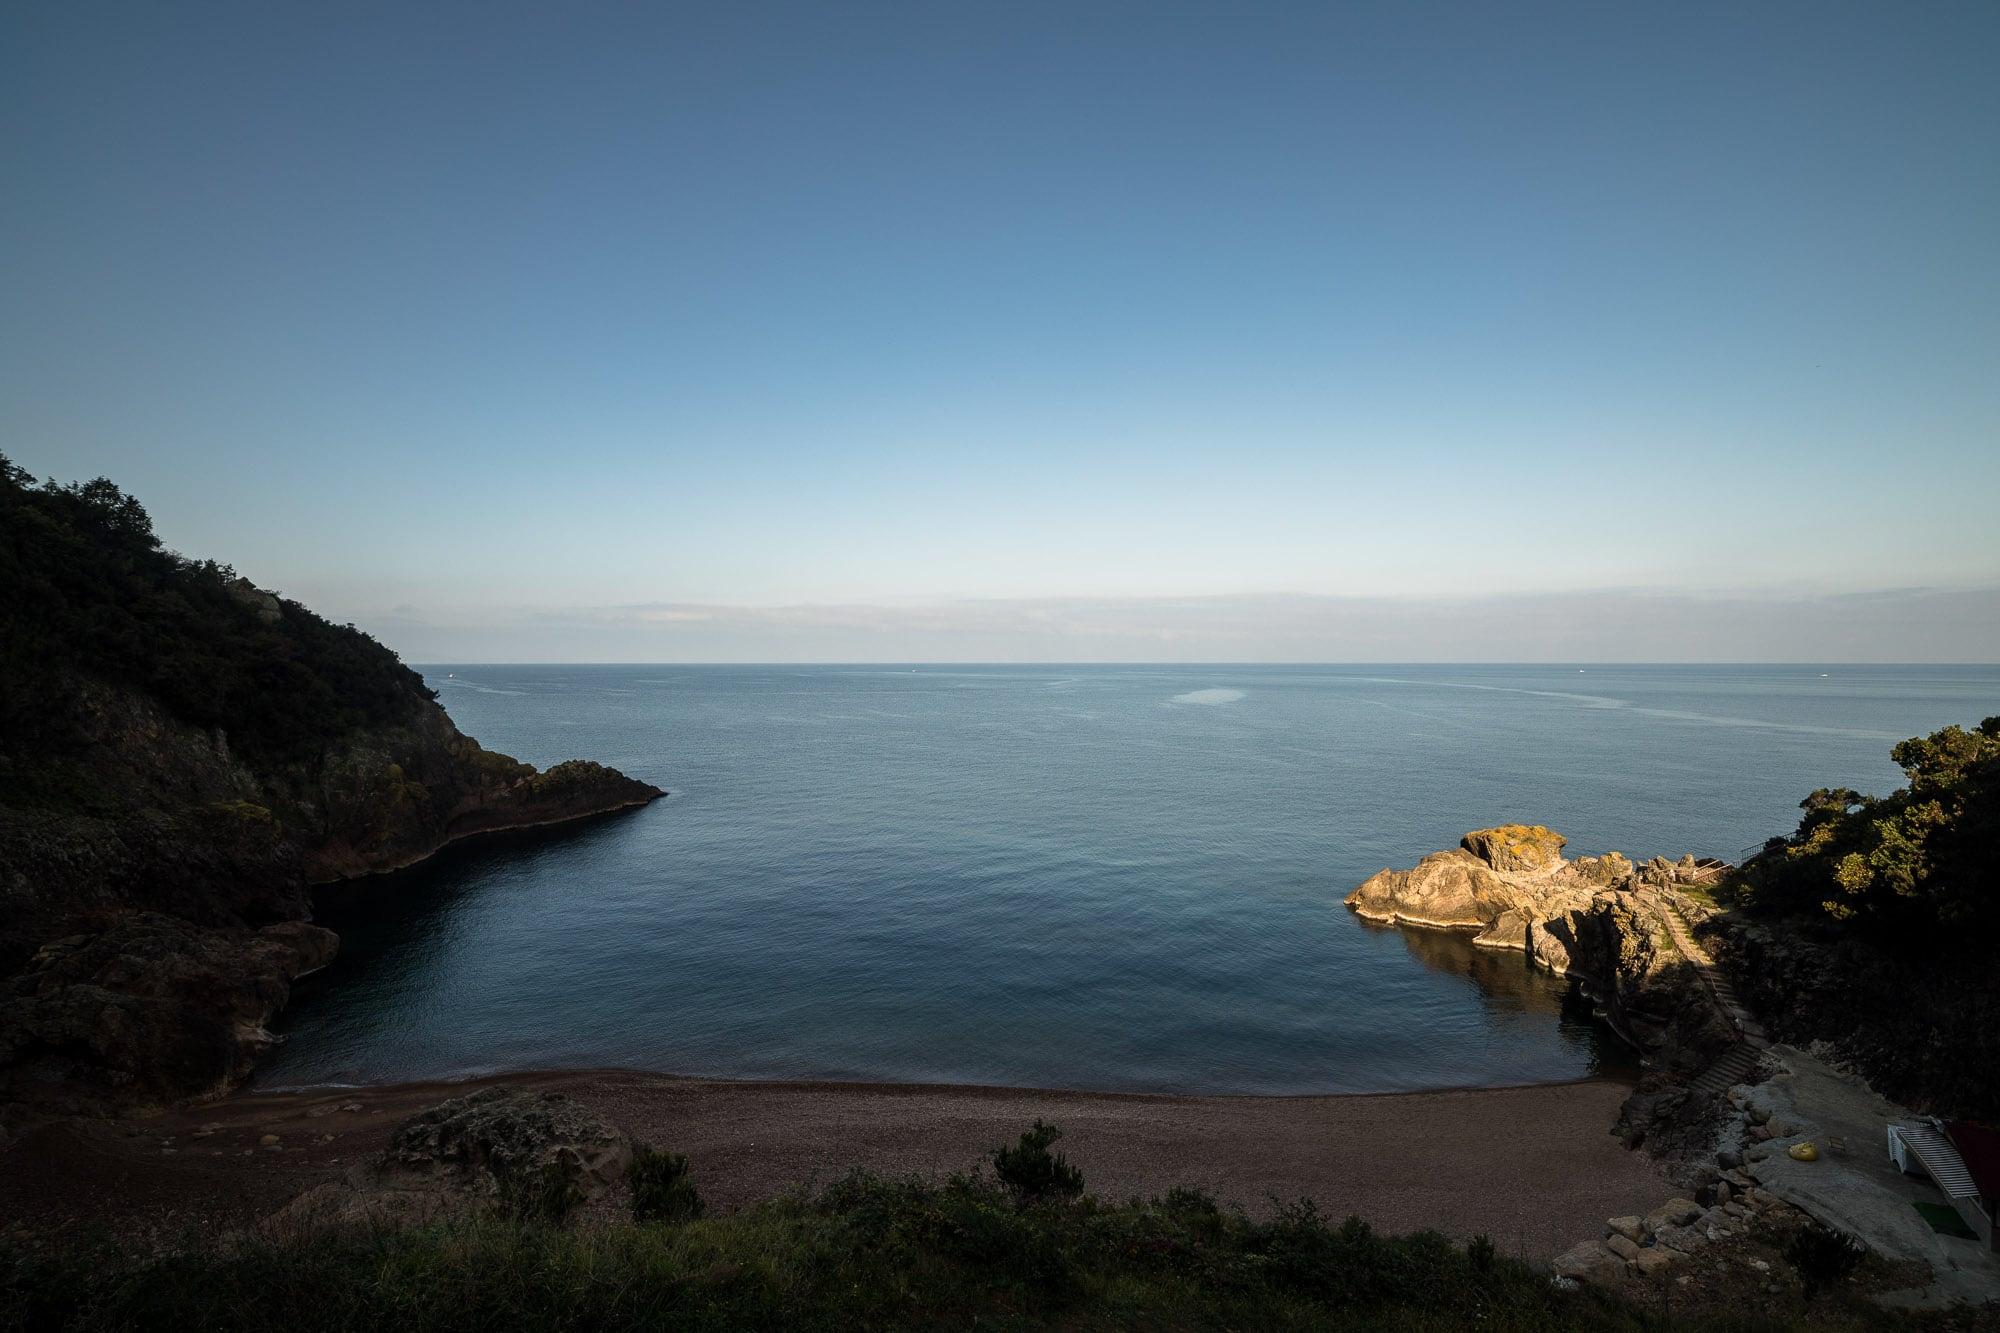 Uluburun cliff